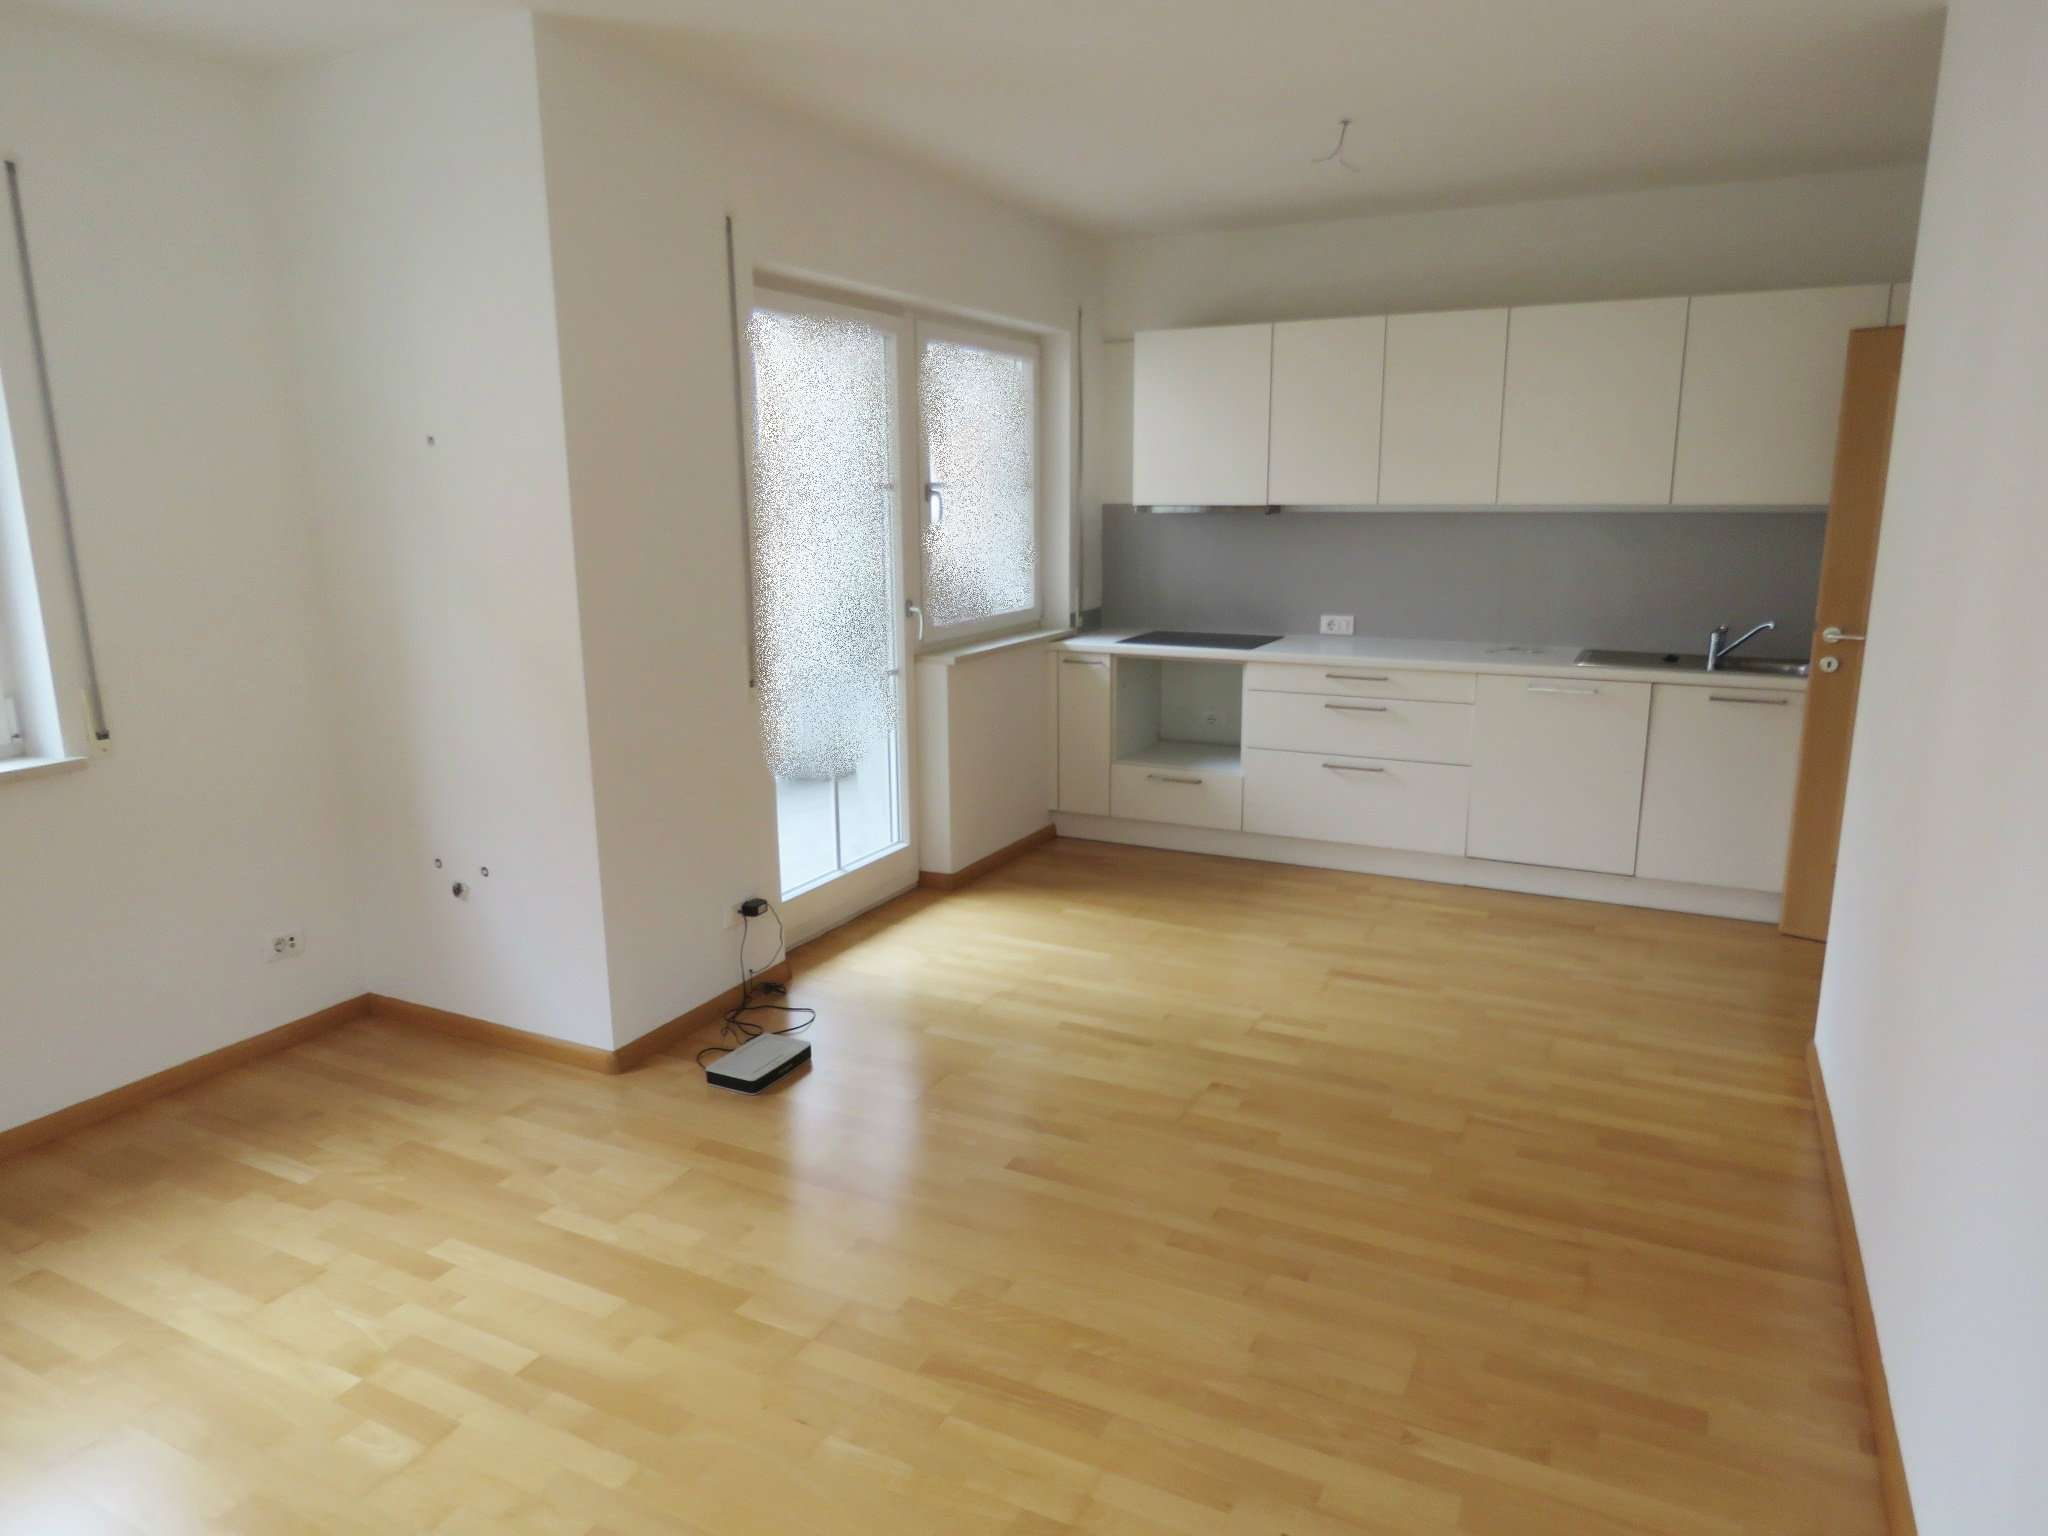 Appartamento in vendita a Chiusa, 3 locali, prezzo € 290.000 | Cambio Casa.it